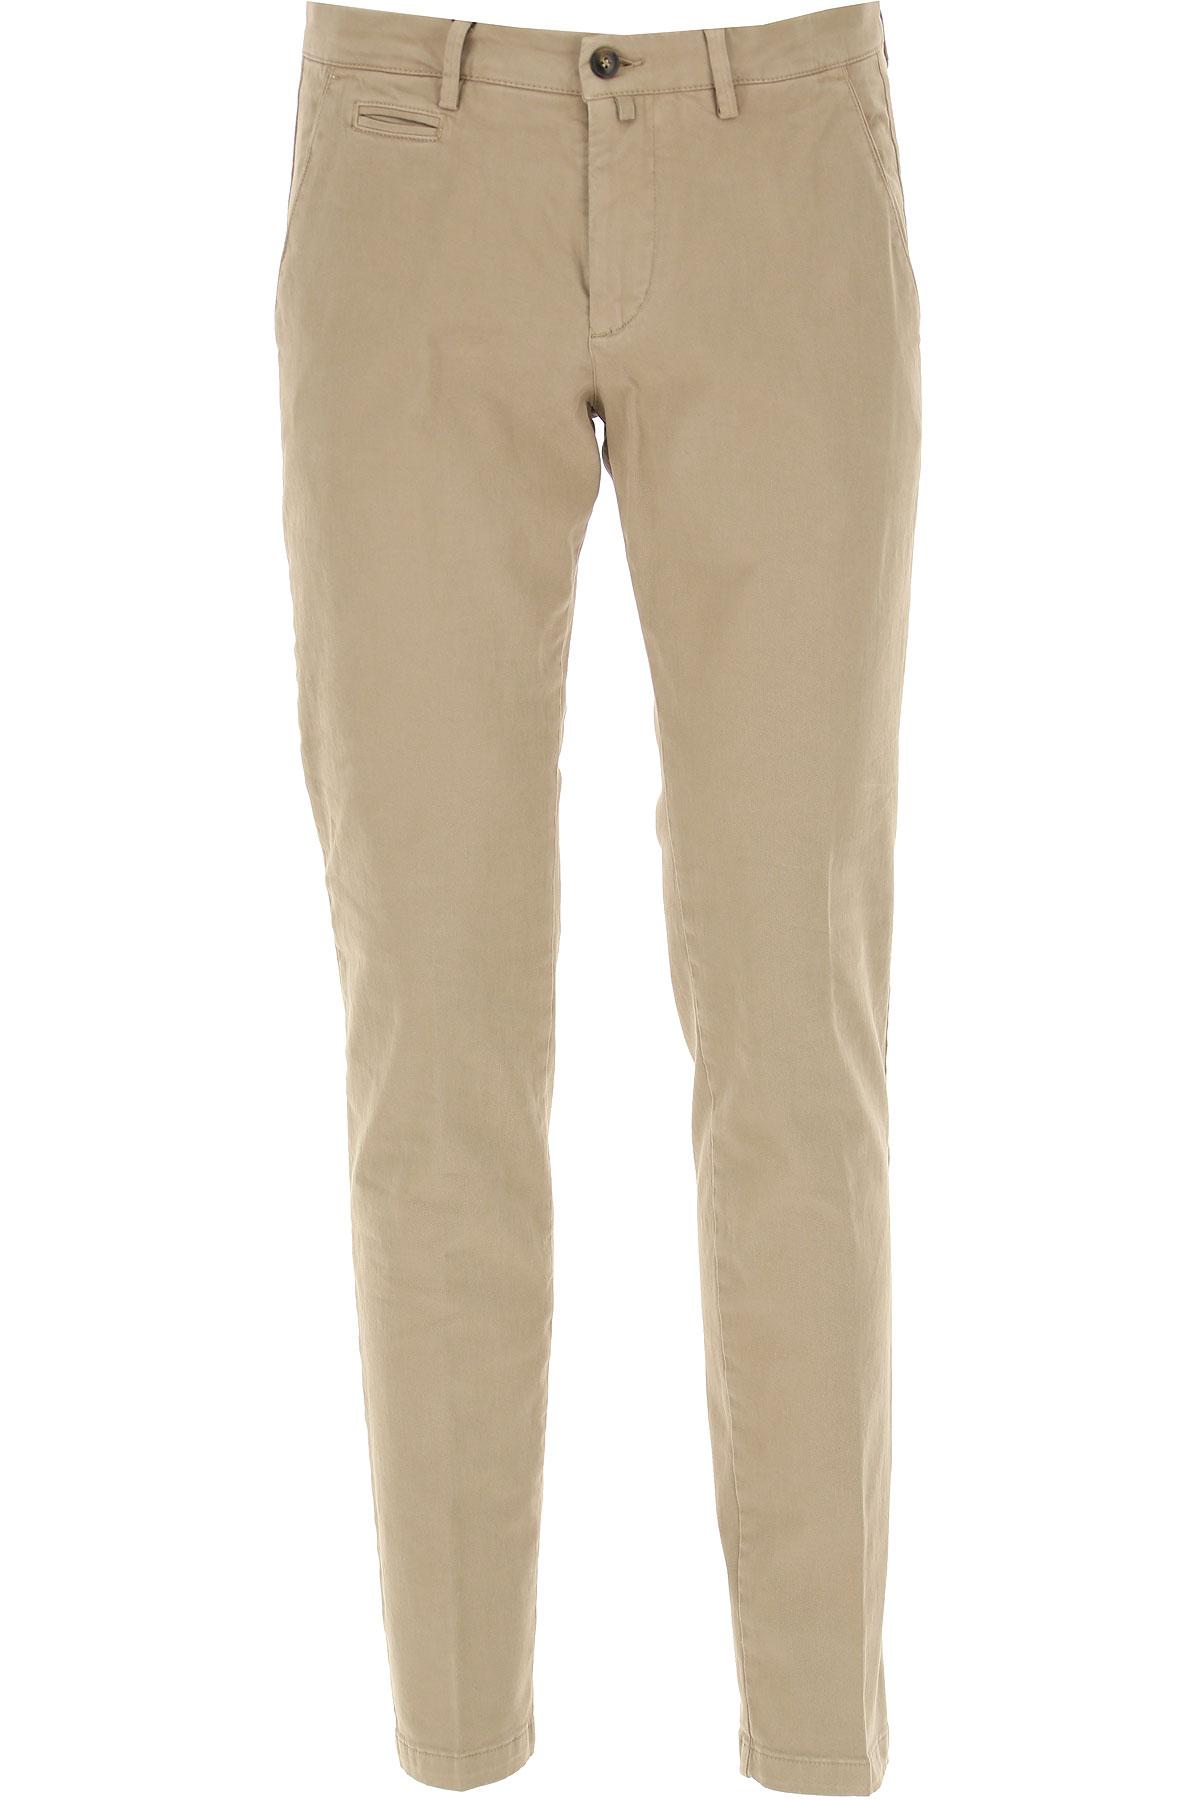 Briglia Pants for Men On Sale, Beige, Cotton, 2019, 34 36 40